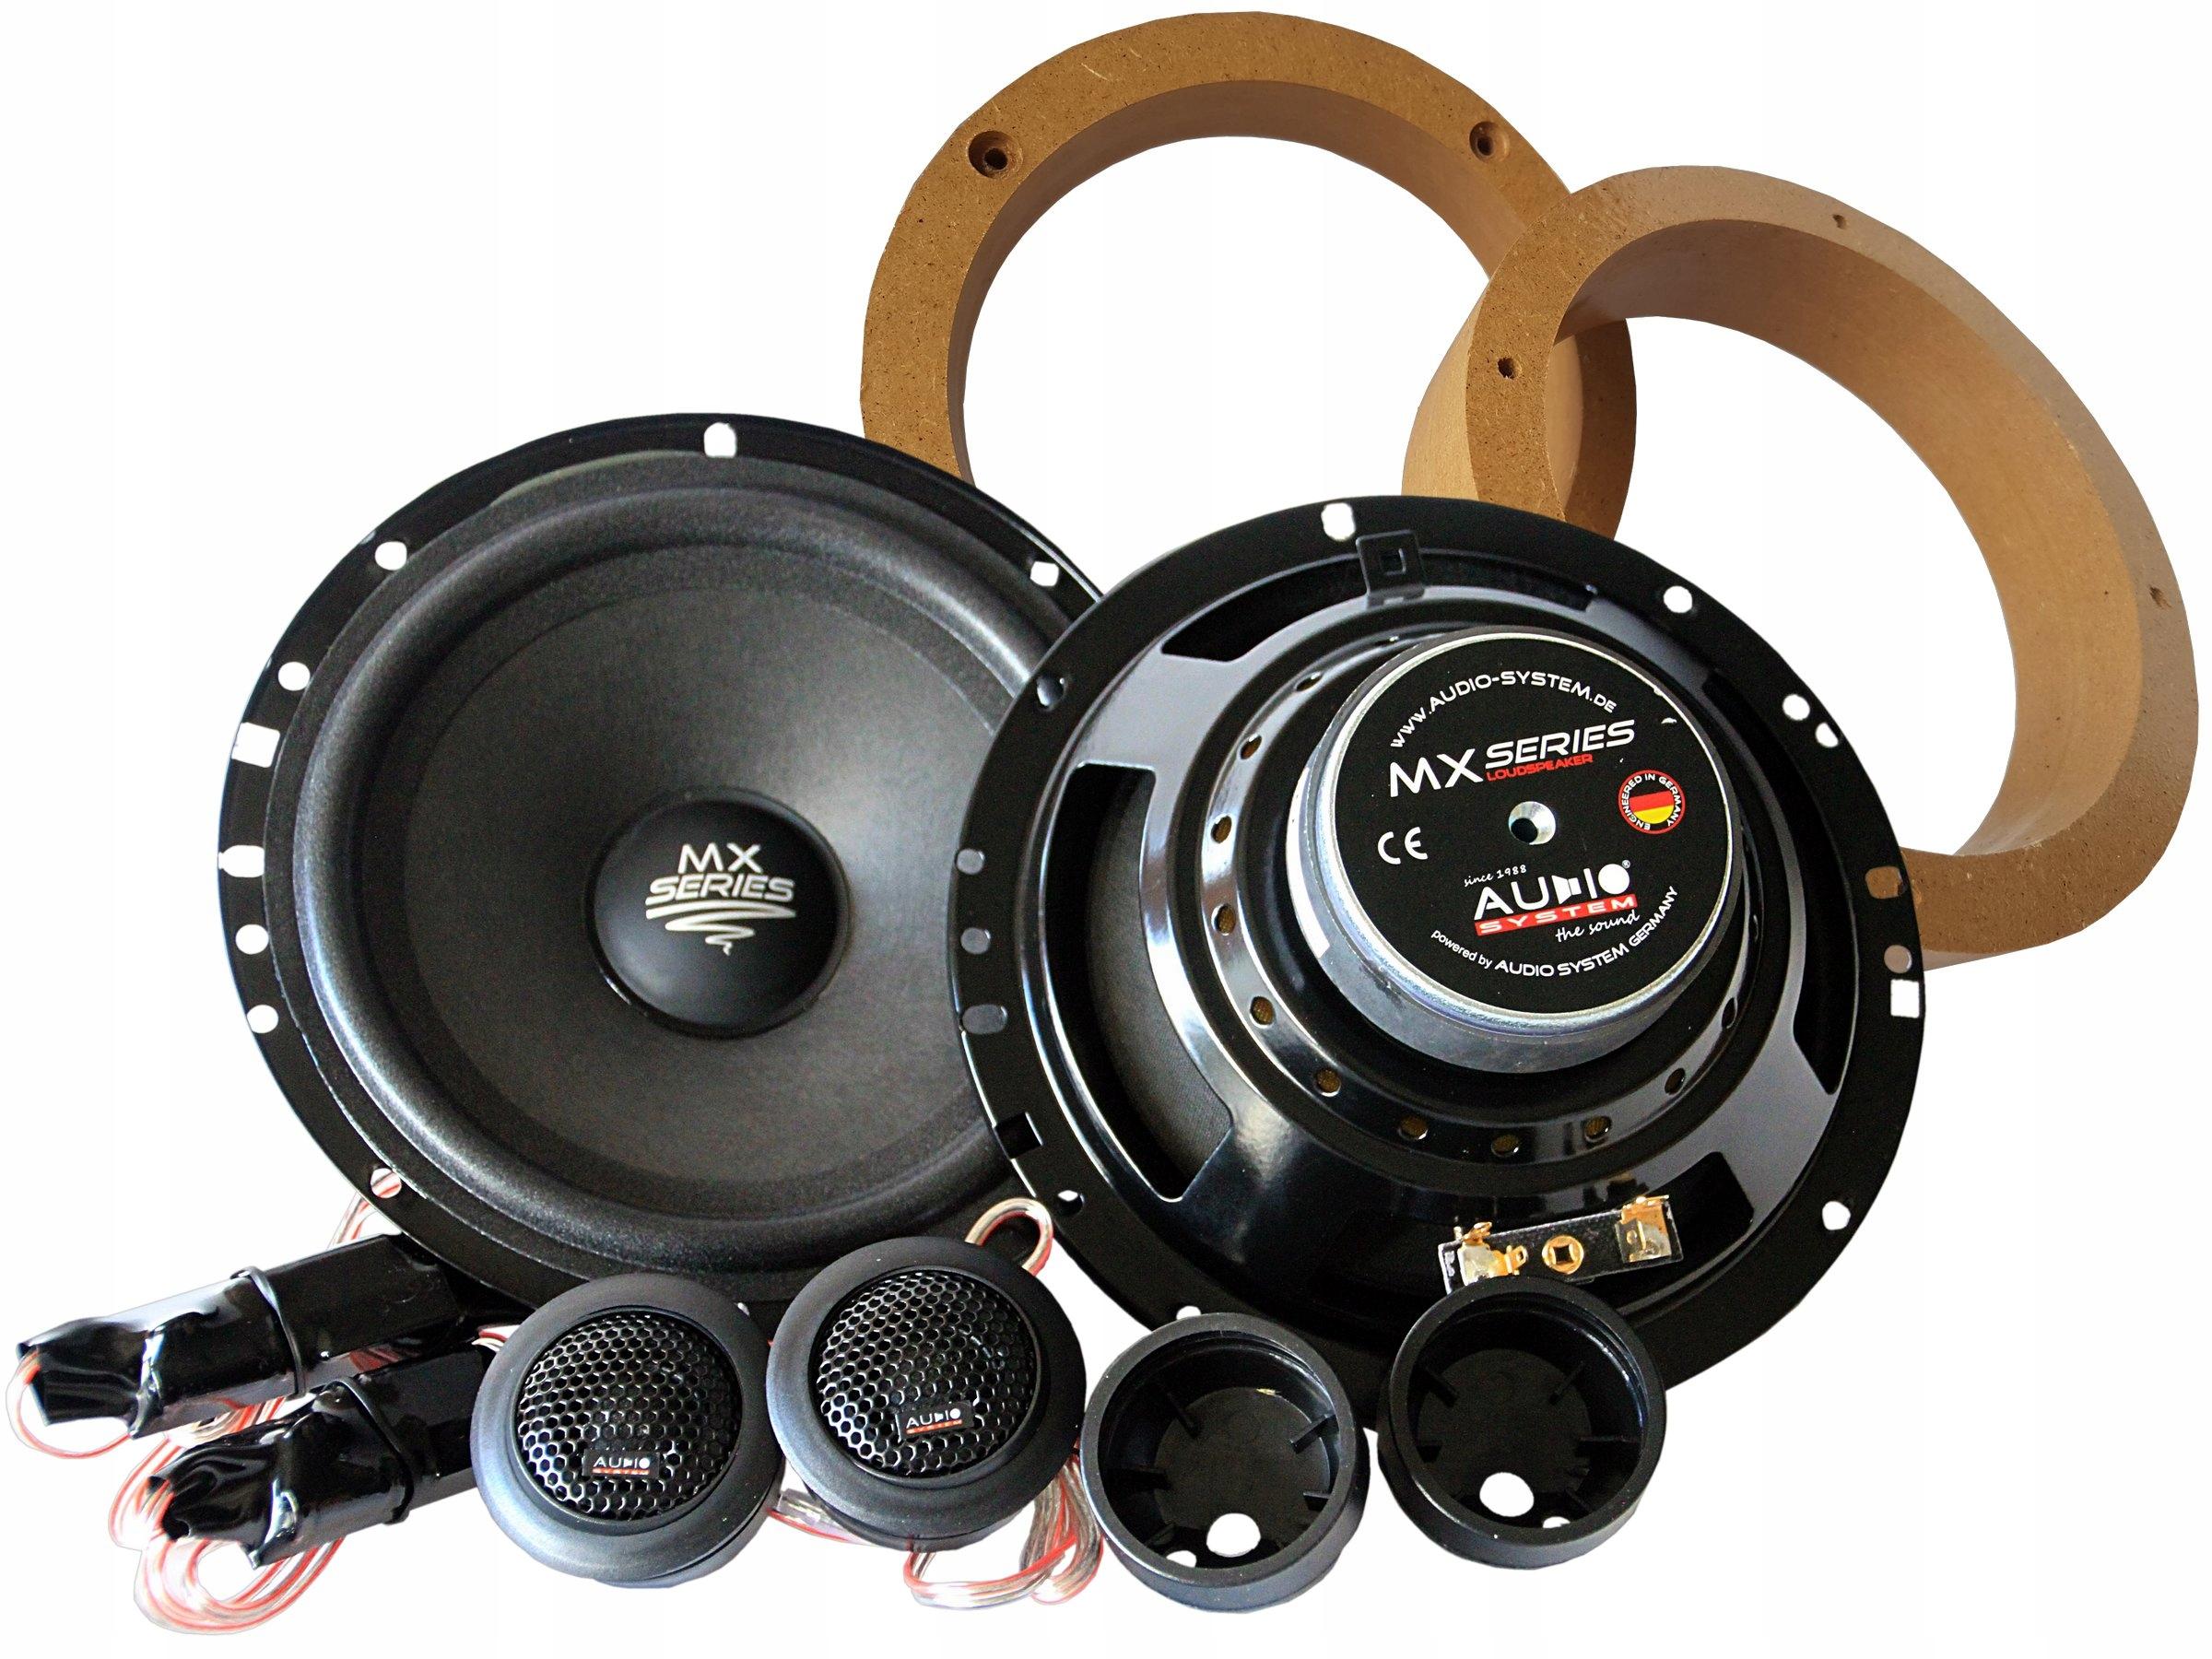 Głośniki Toyota Corolla 9/E12 Audio System MX165